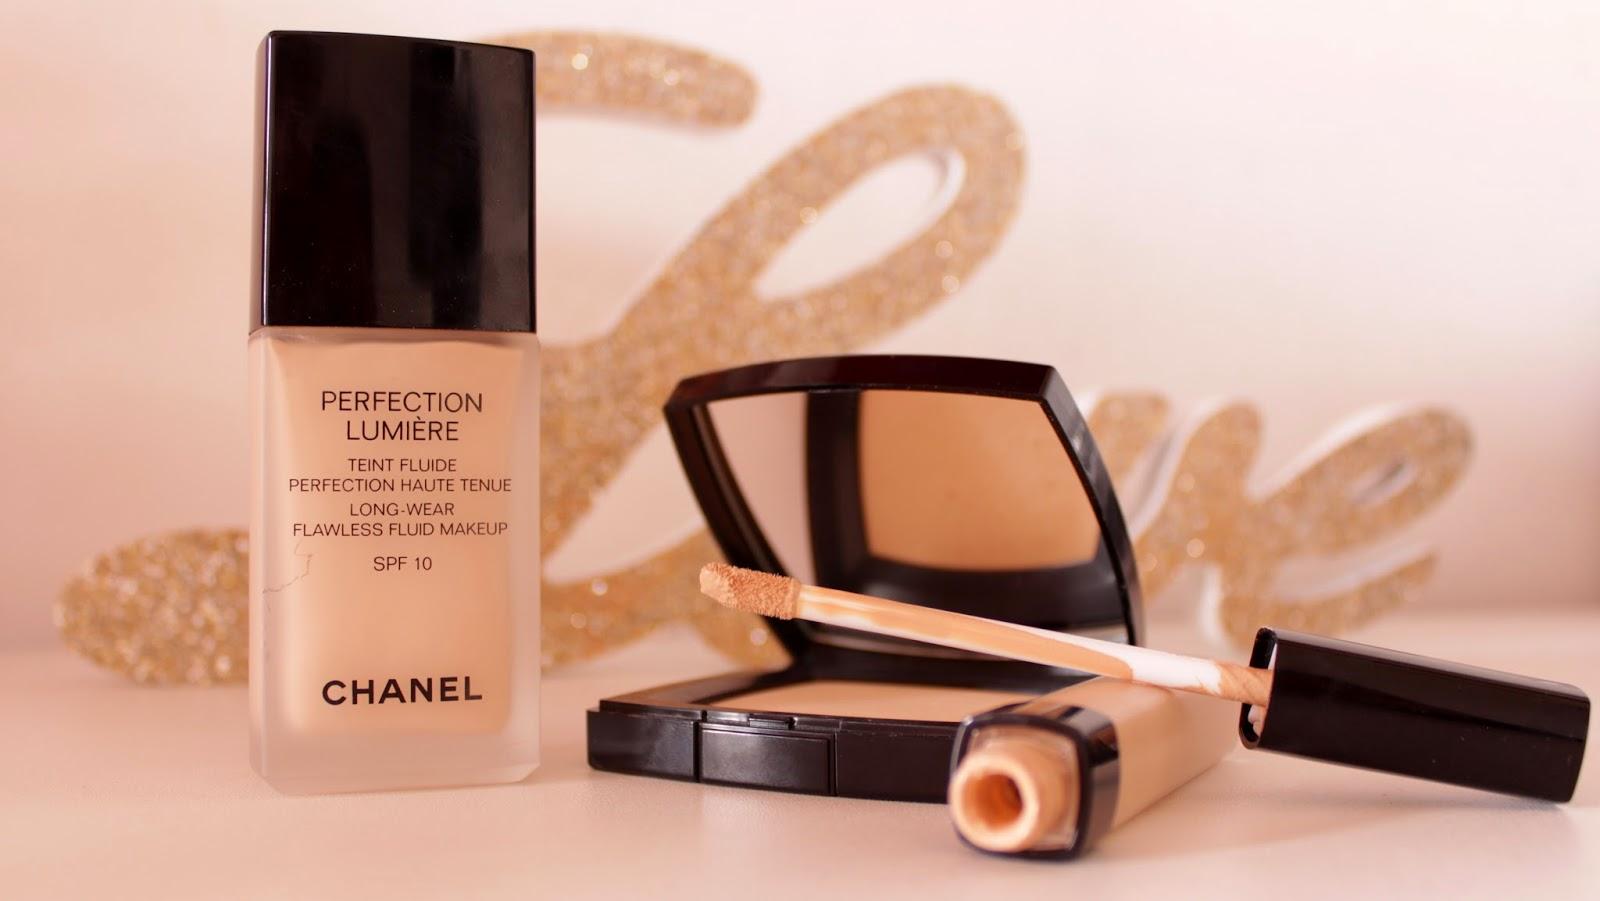 Produits pour le teint Chanel, Fond de teint, Anticerne et poudre